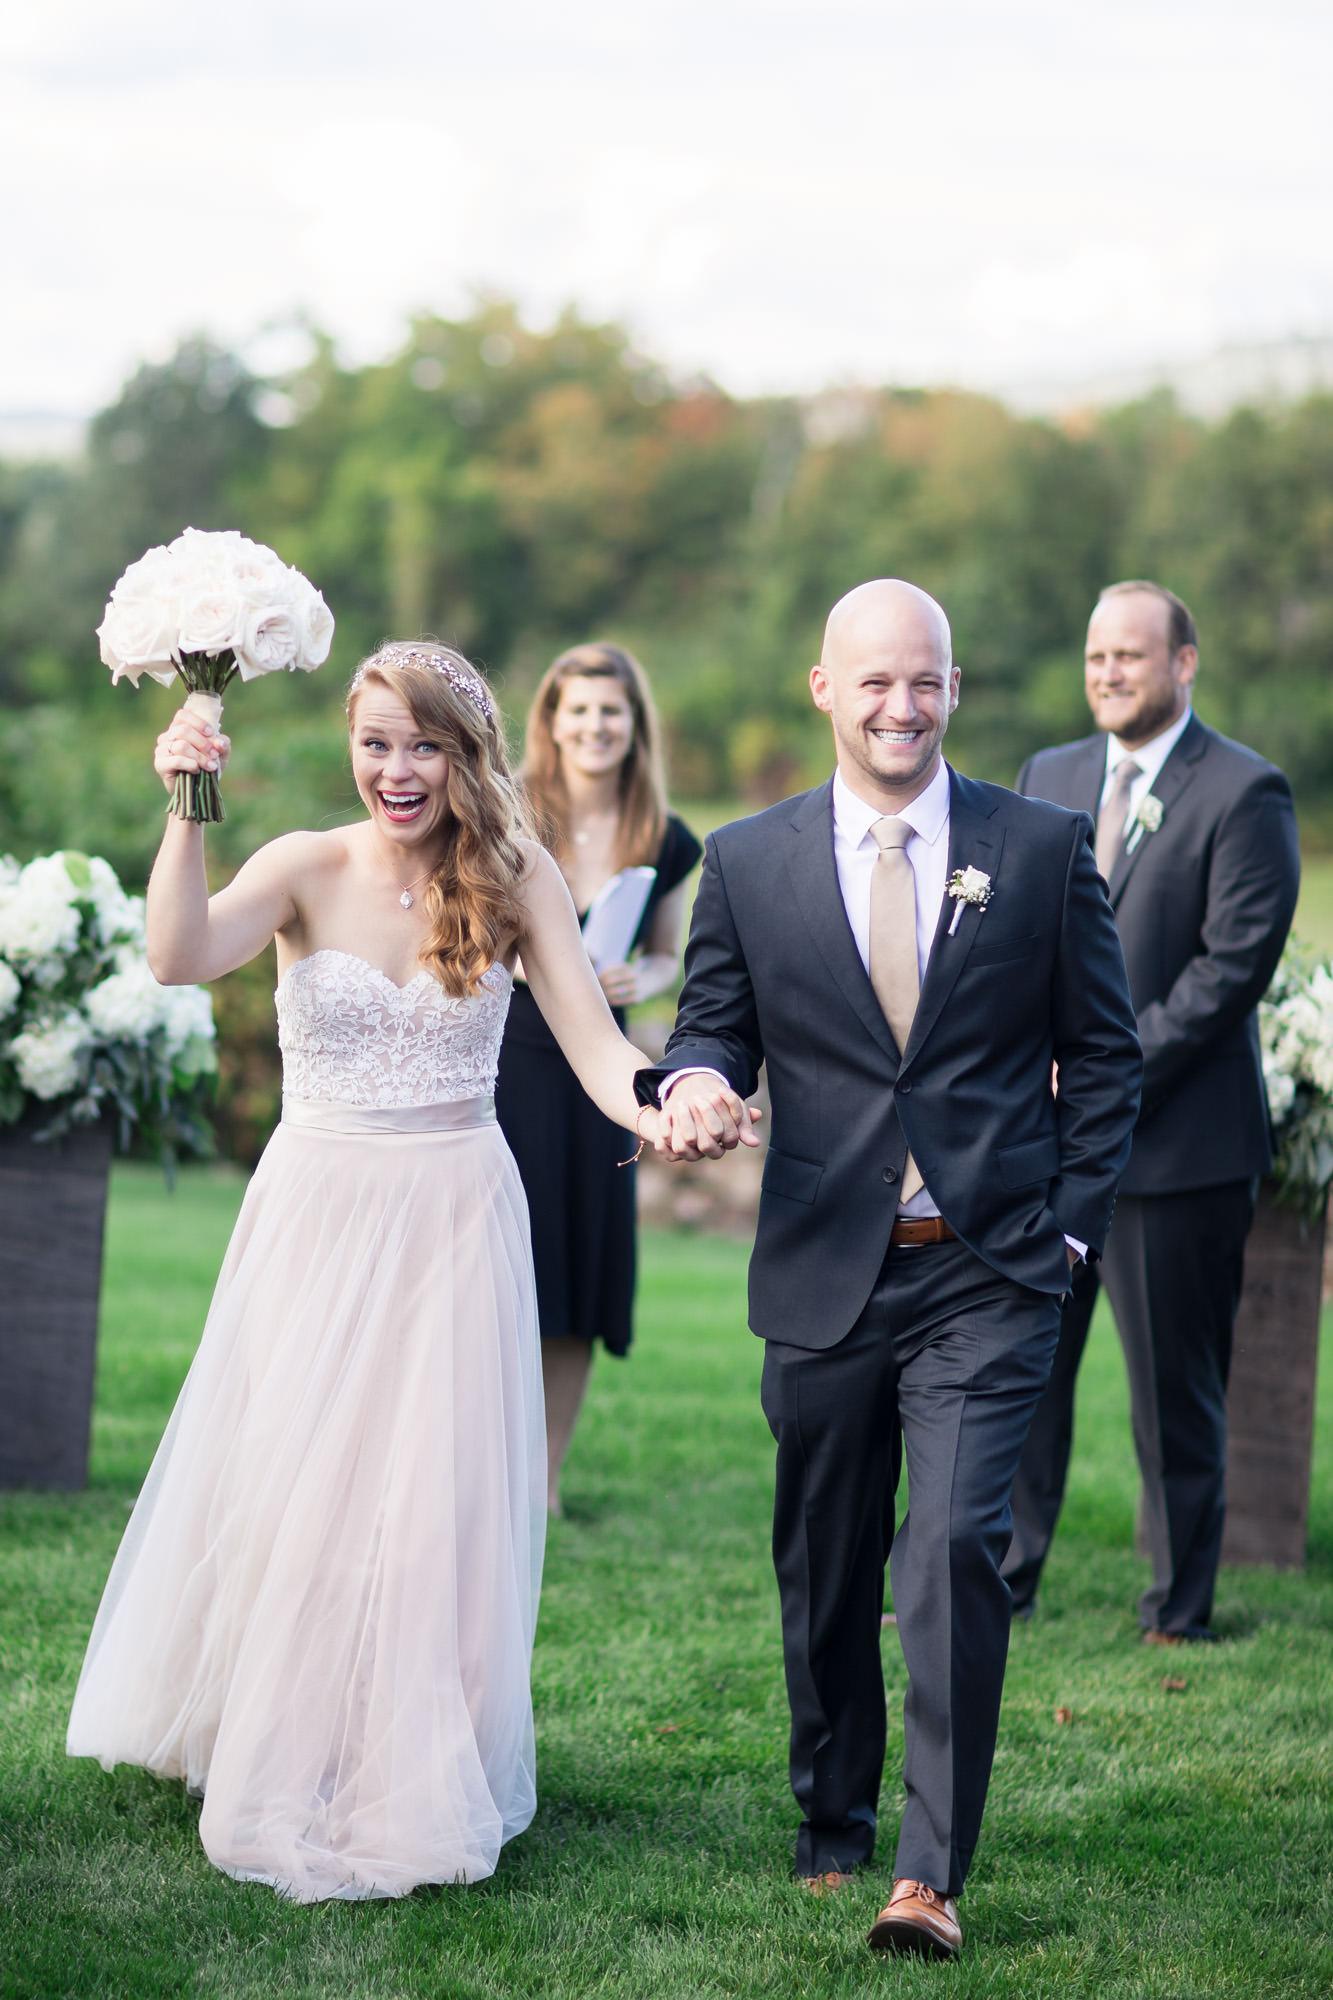 happy bride and groom wedding